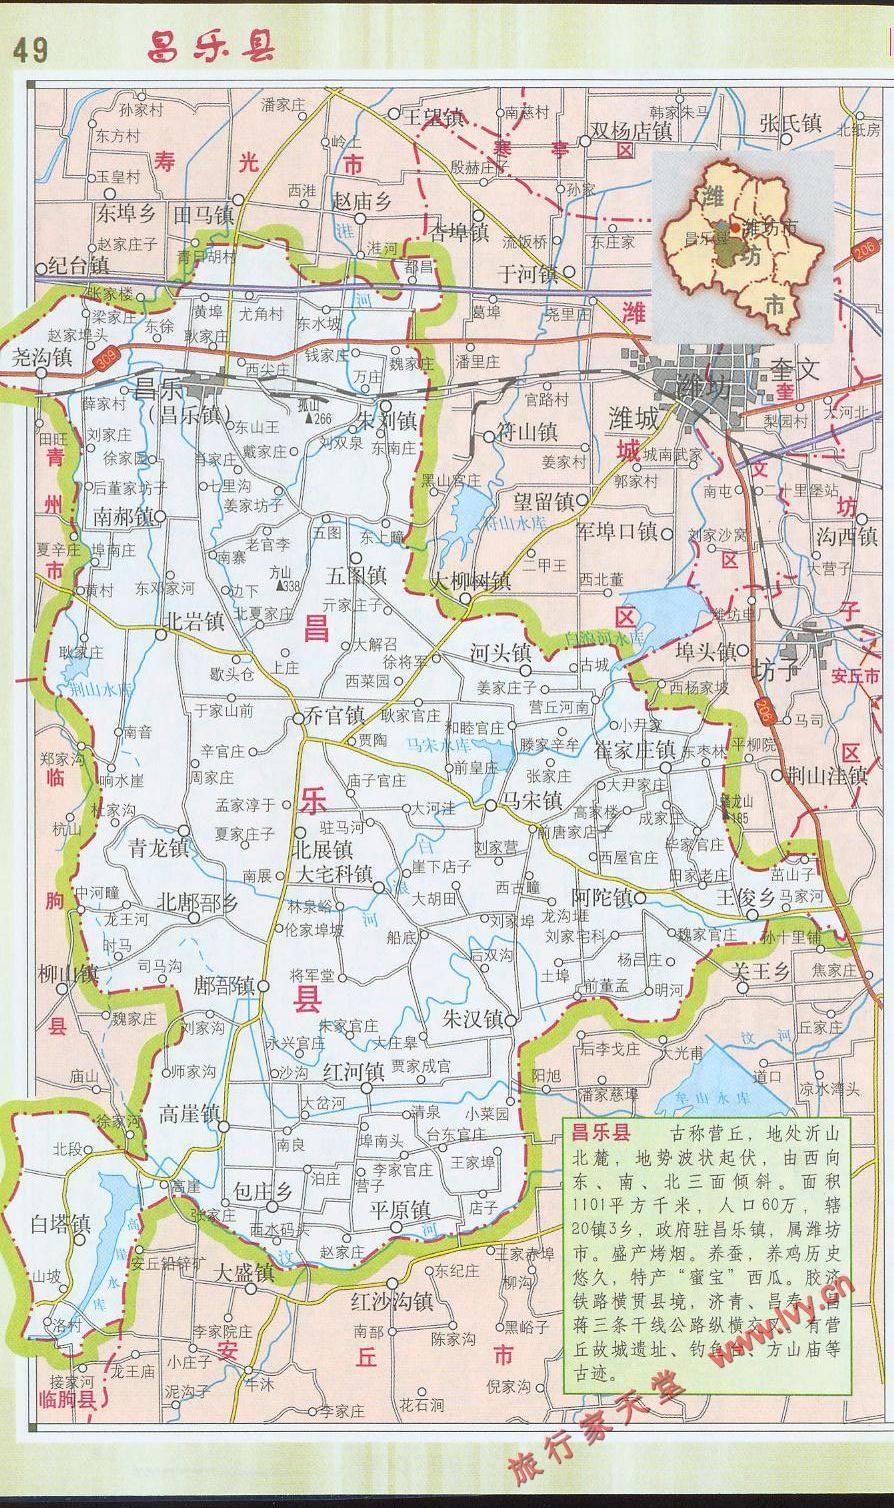 临沂地图交通图_昌乐县地图_潍坊地图库